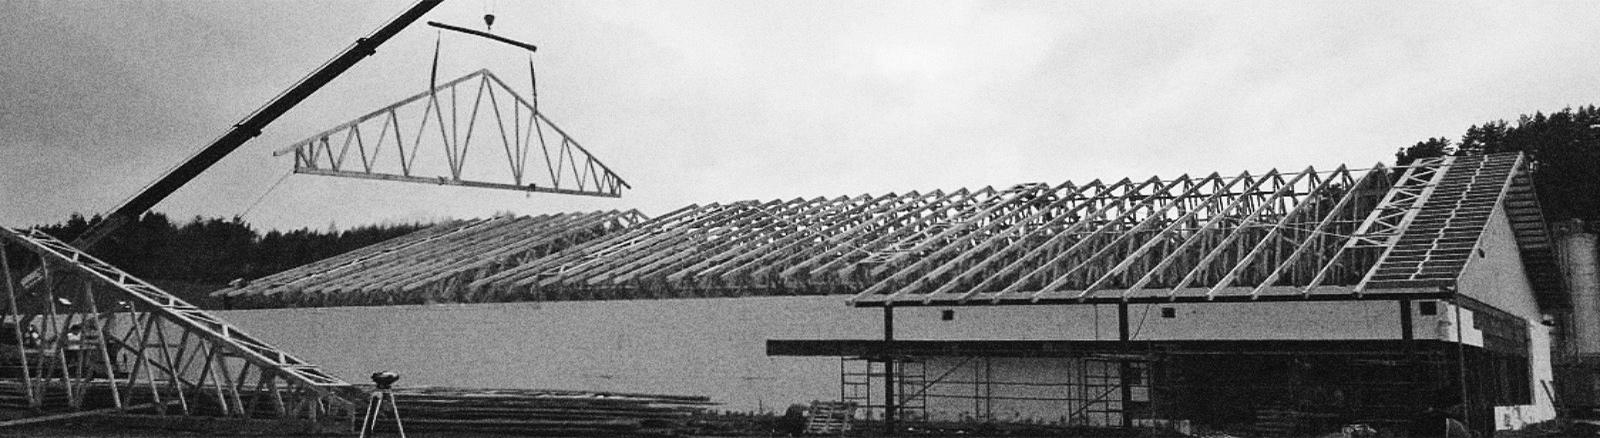 Producent konstrukcji szkieletowych oraz wiązarów dachowych